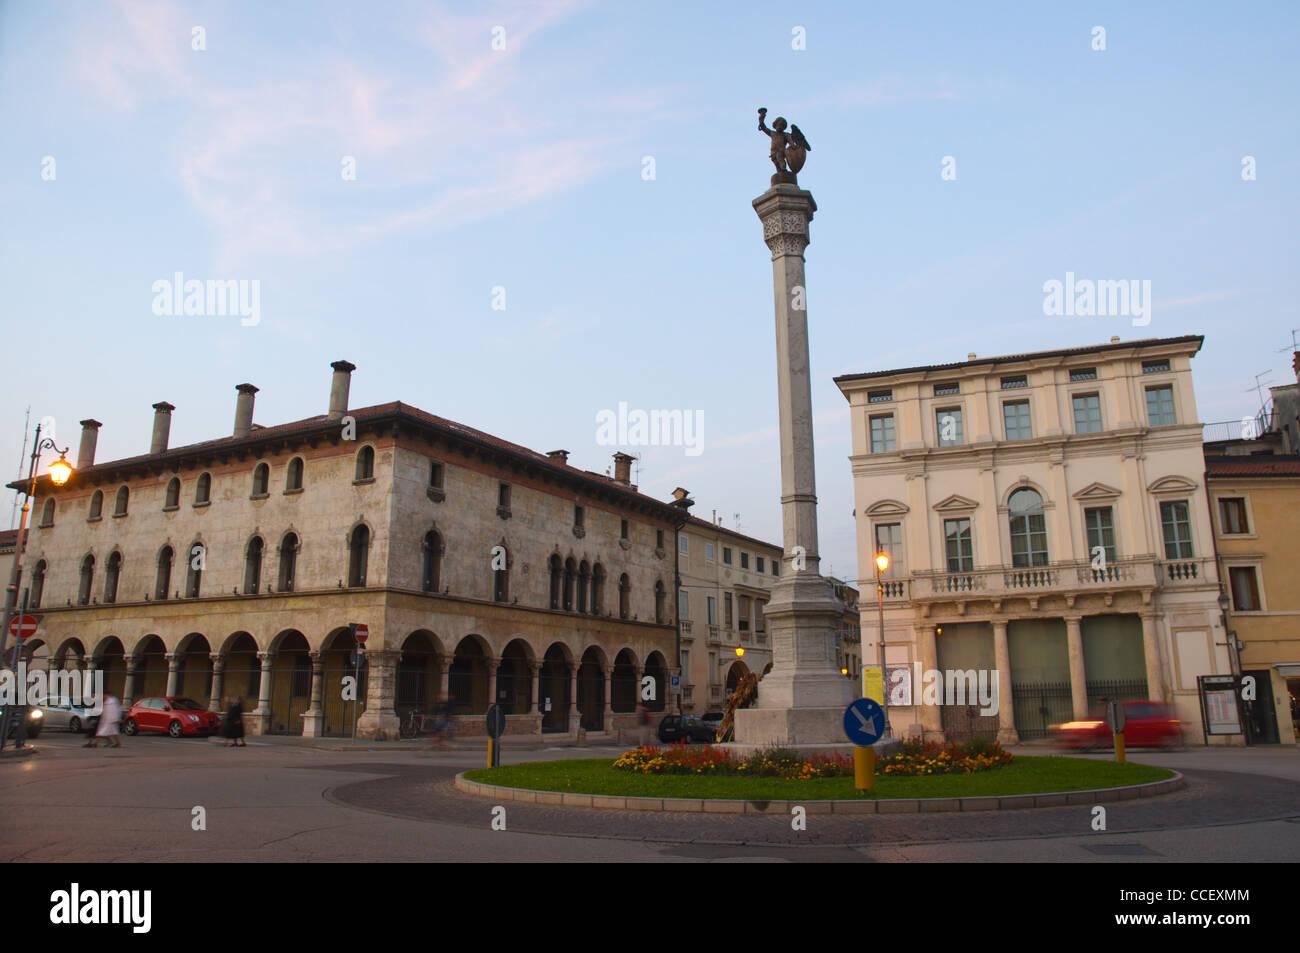 Piazza Venti Settembre square Vicenza the Veneto region northern Italy Europe - Stock Image